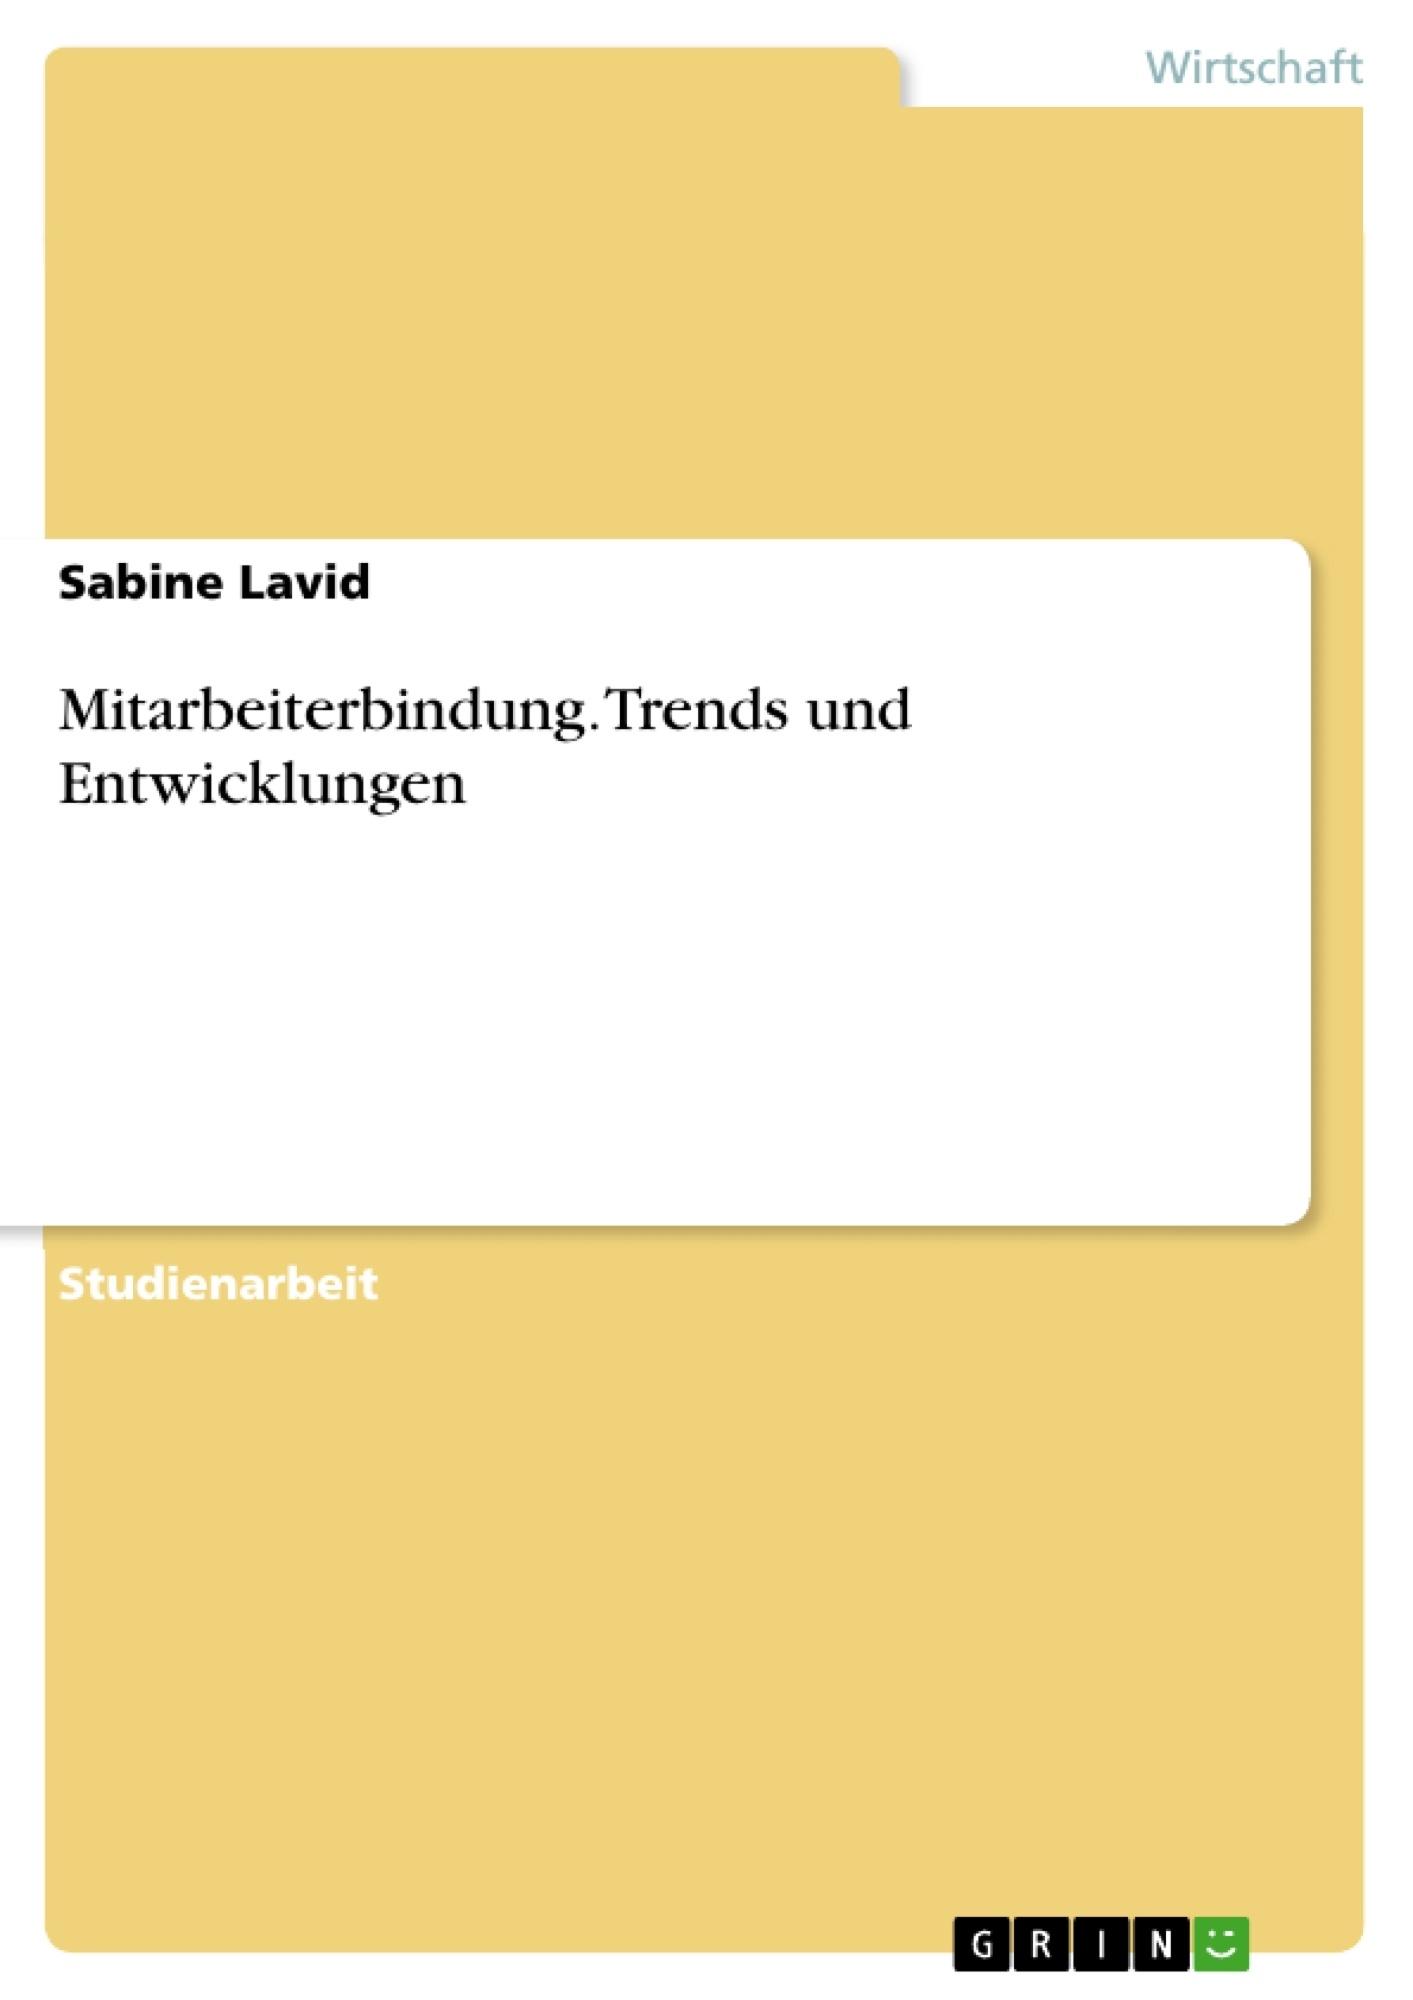 Titel: Mitarbeiterbindung. Trends und Entwicklungen